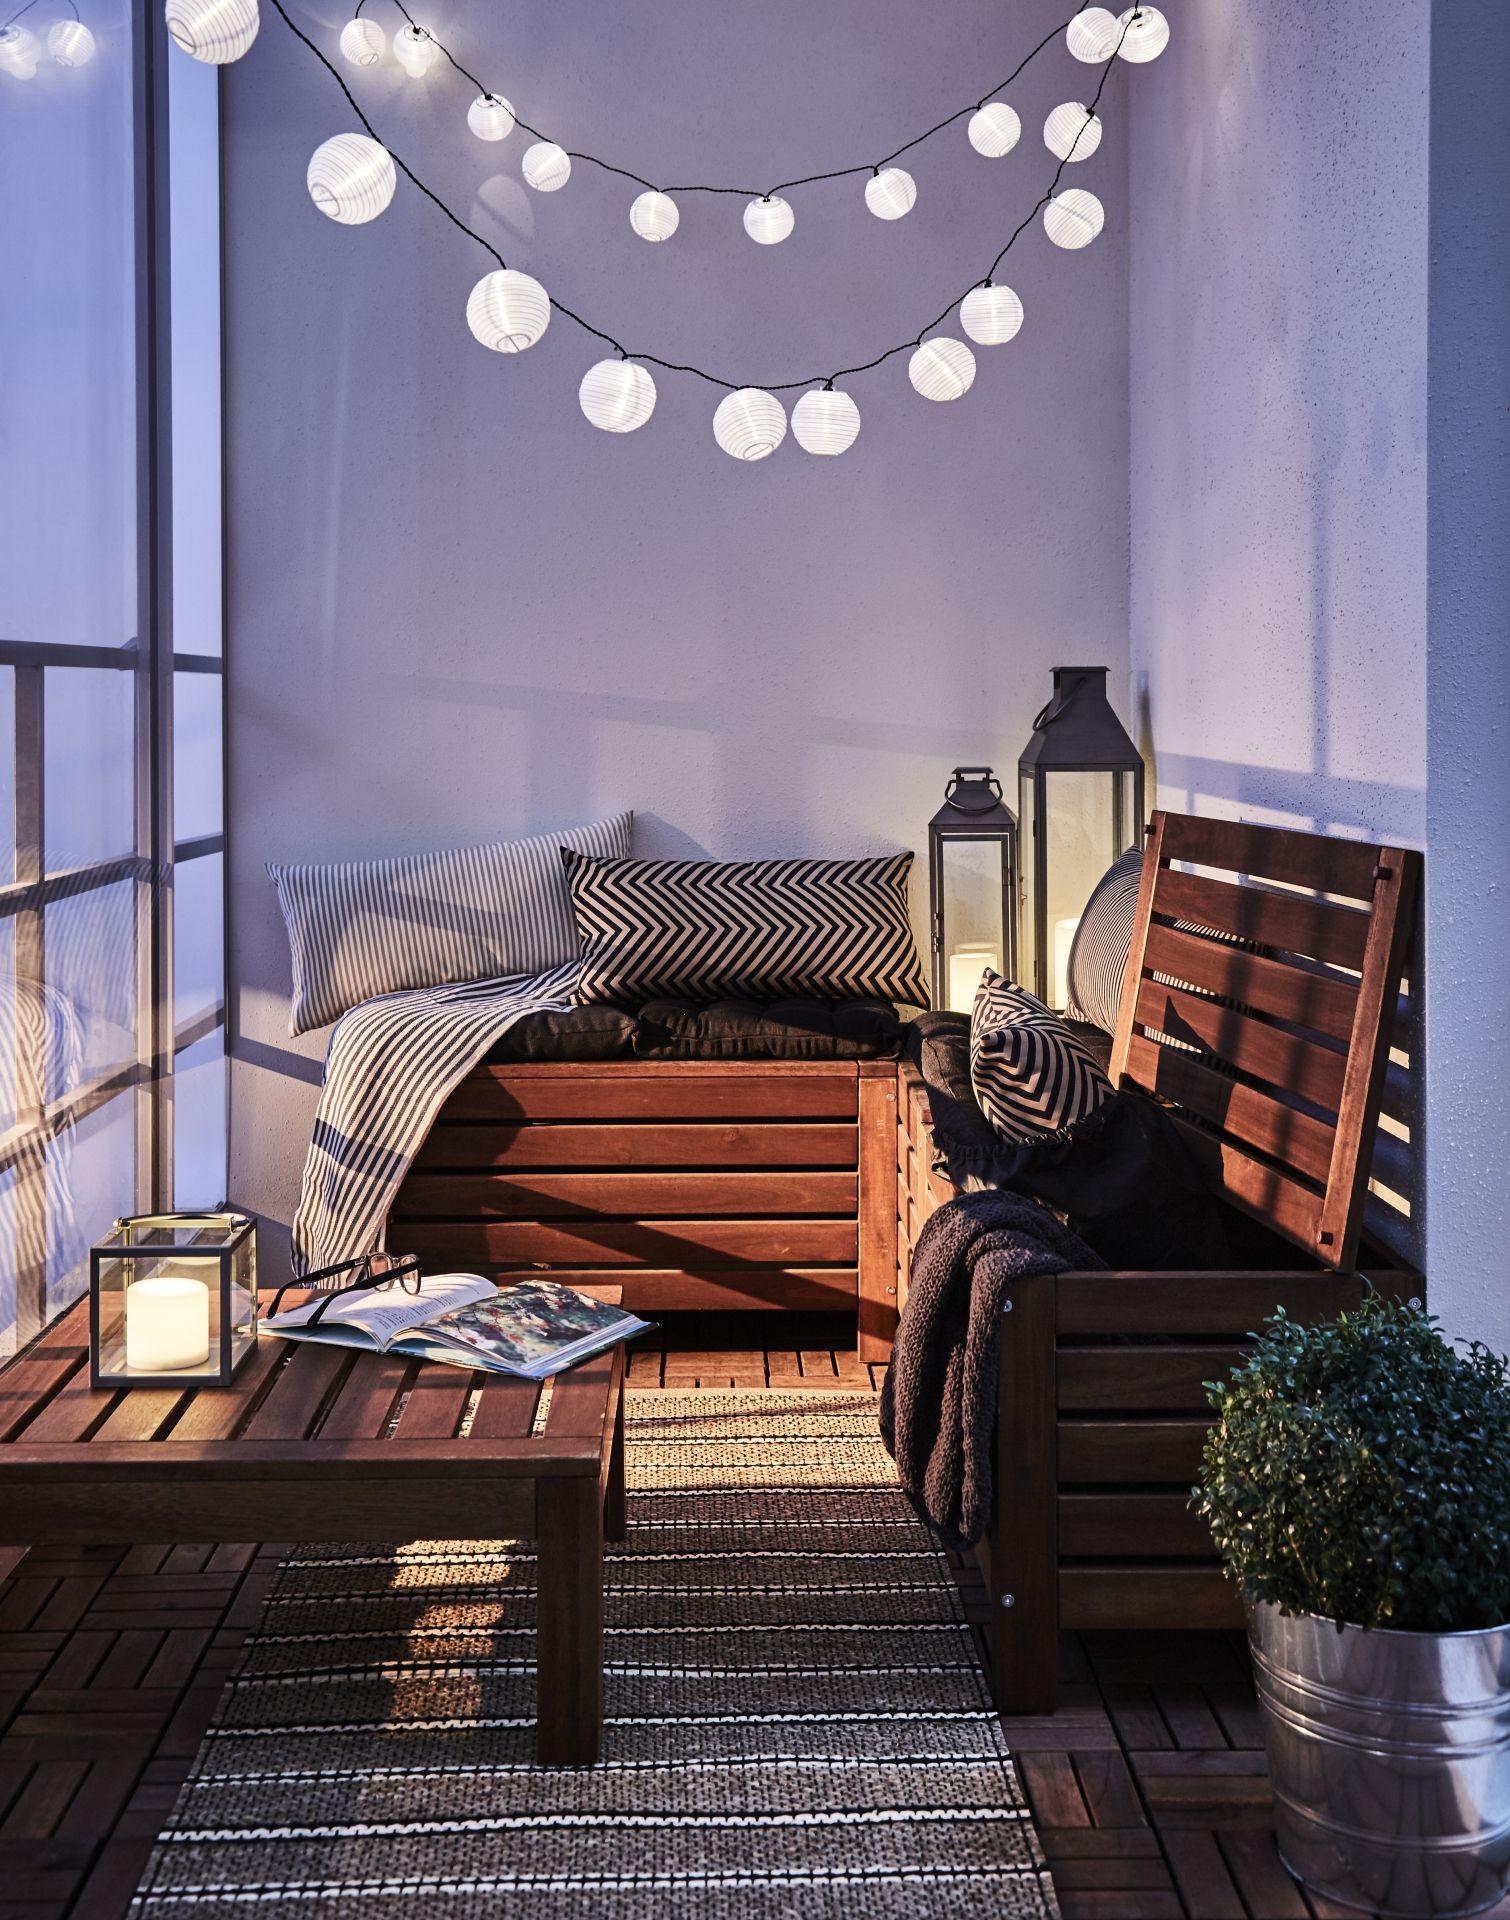 Beleuchtung für die unterputzmontage im esszimmer gemütliche abende am balkon werden mit der richtigen beleuchtung